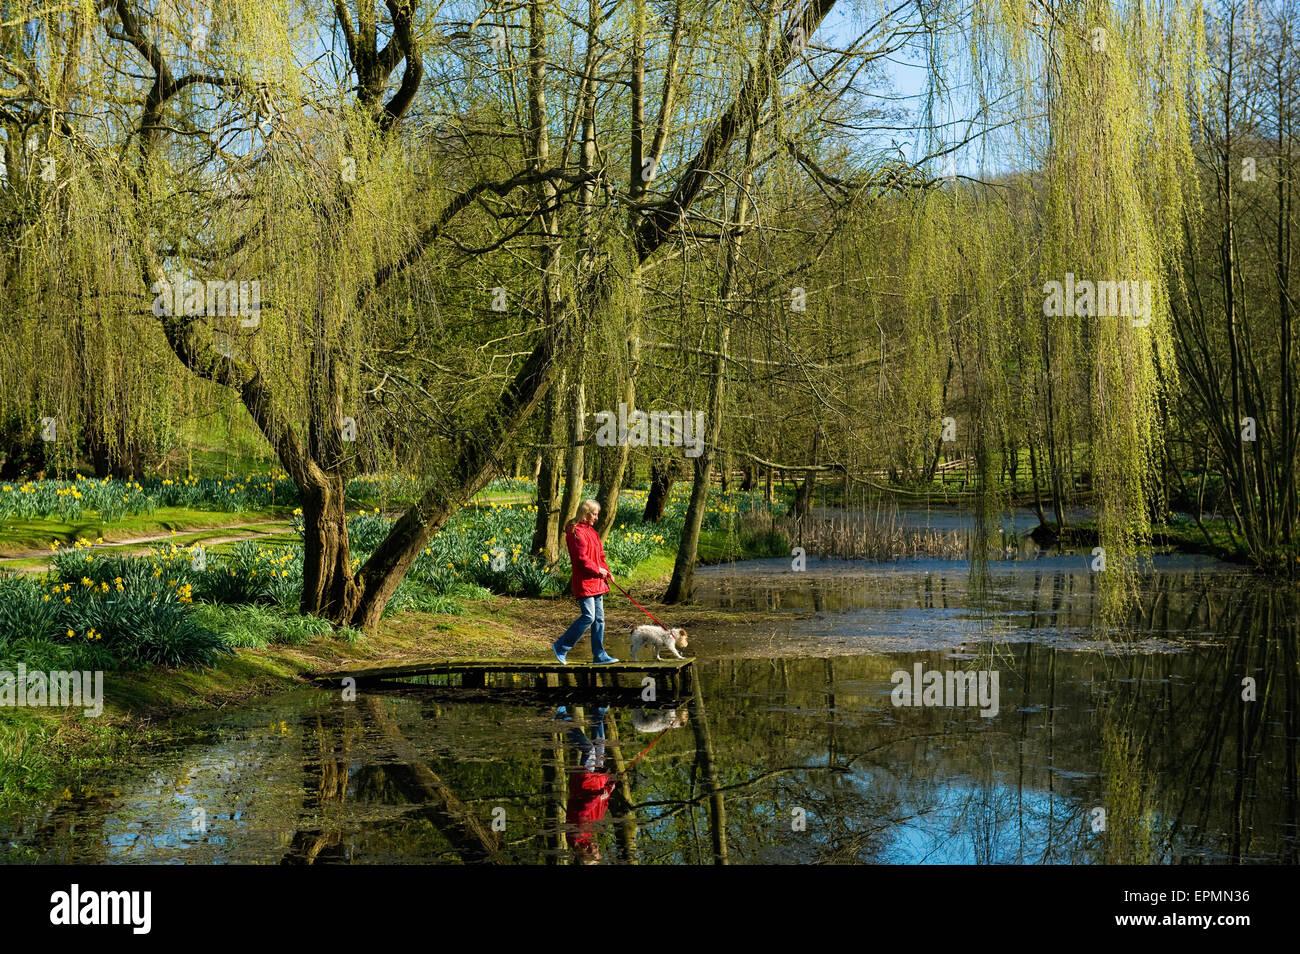 Una donna e cane su un molo su un lago, sotto un grande salice piangente albero. Immagini Stock